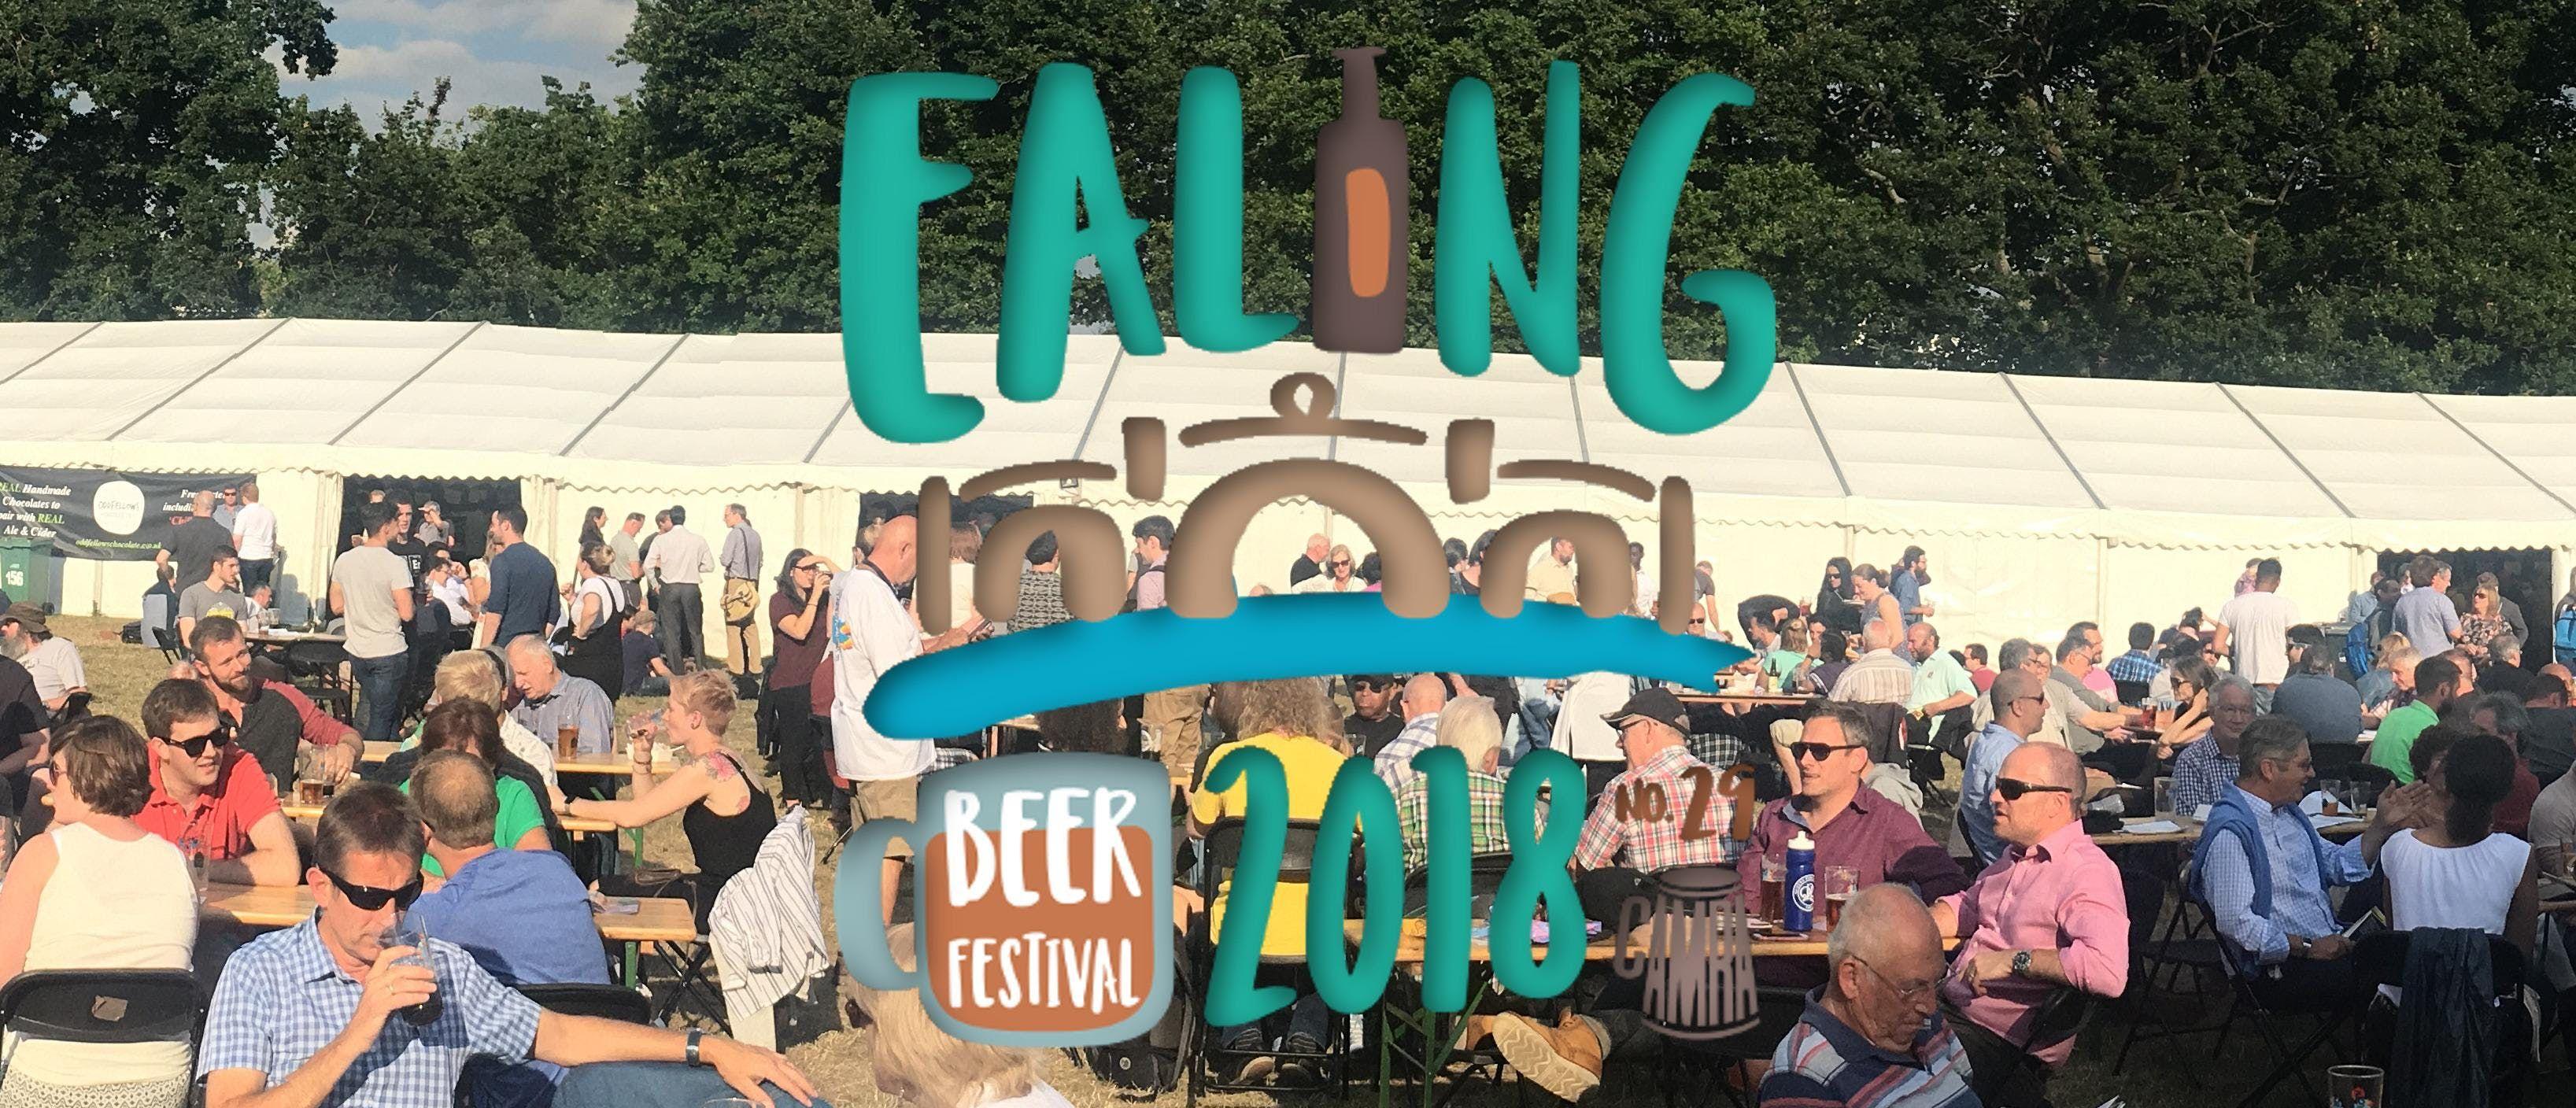 2018 Ealing Beer Festival